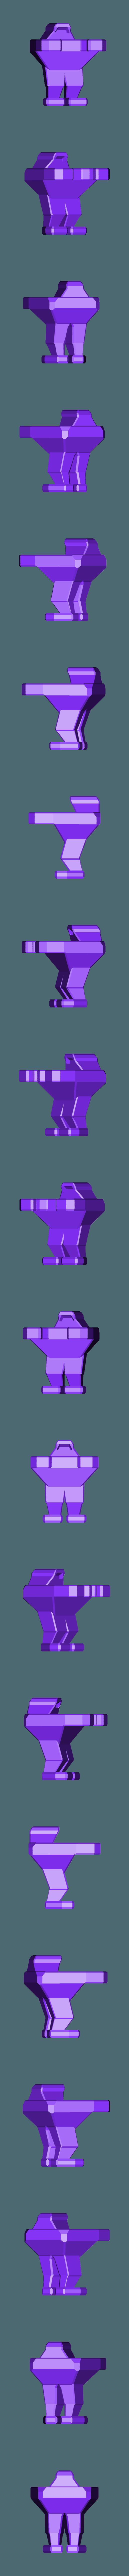 plp-robot-sans-trou.stl Télécharger fichier STL gratuit PLP ROBOT COEUR • Modèle pour impression 3D, PLP